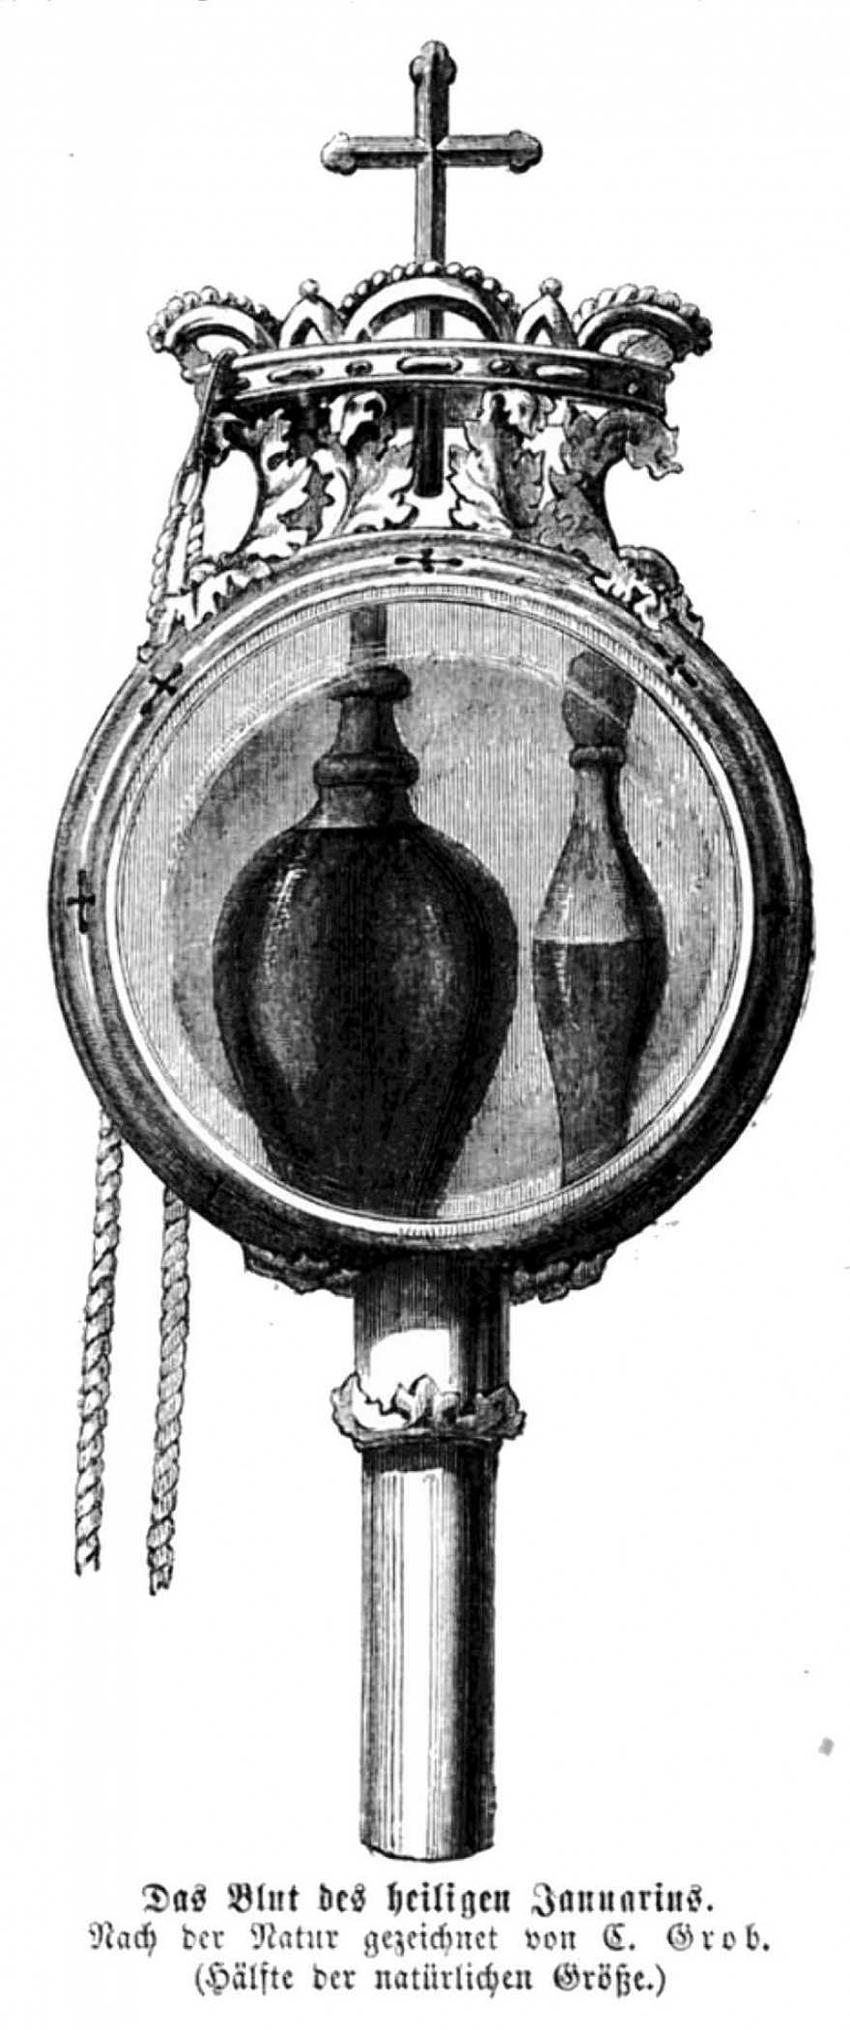 Relikwiarze z krwią świętego Januarego, a także inne kościelne relikwiarze i artefakty spełniające cuda